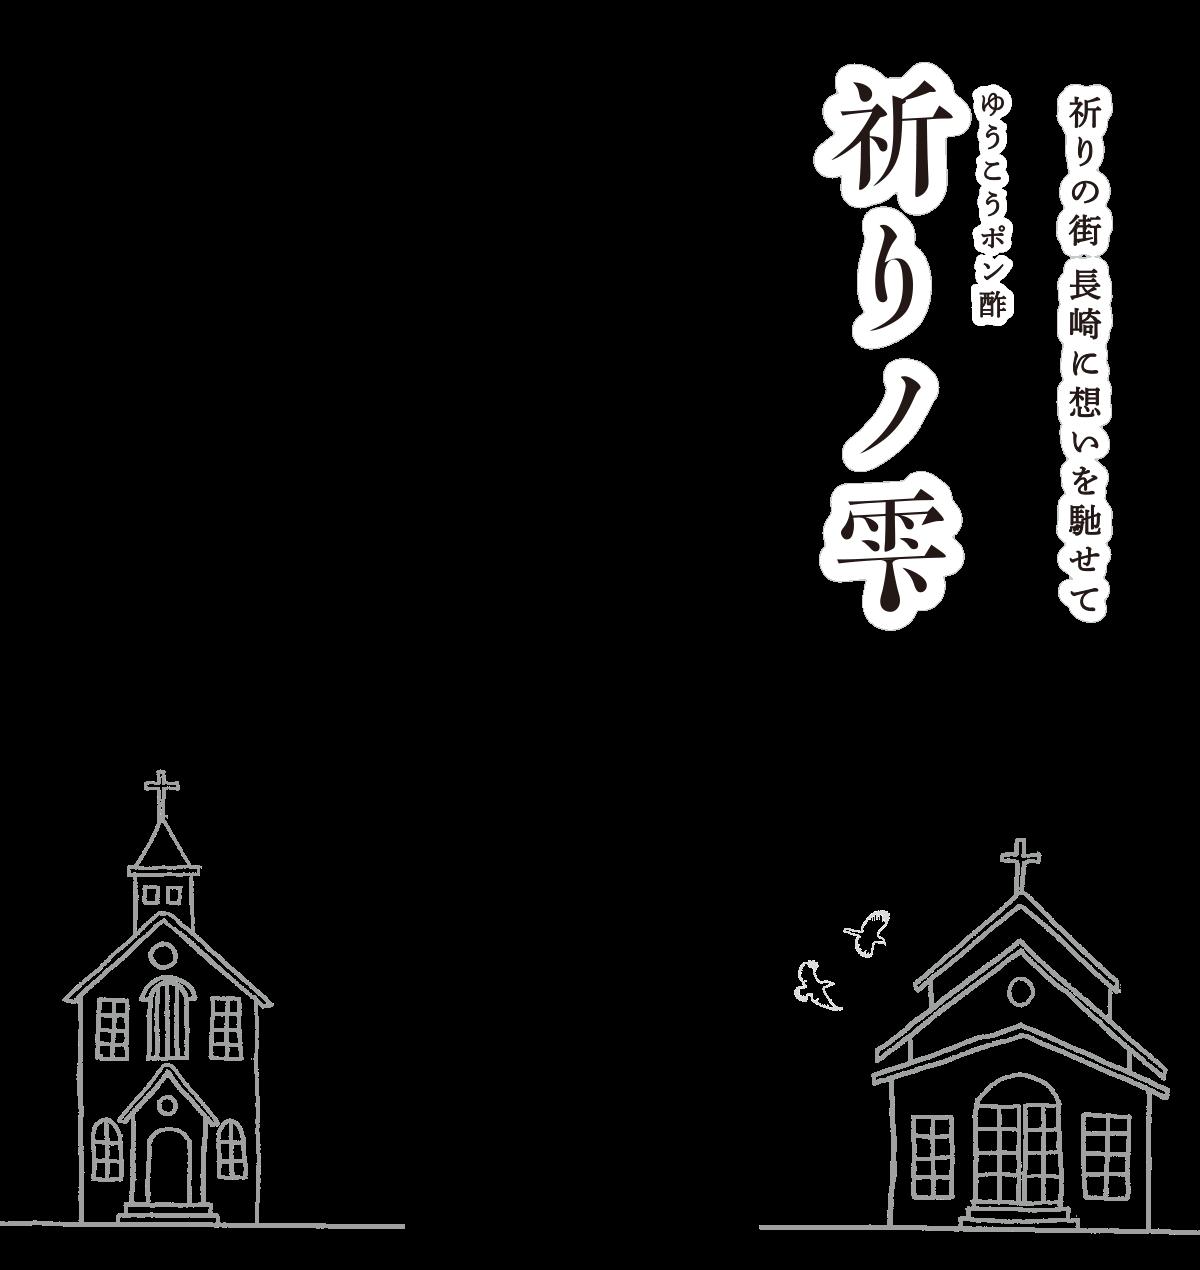 祈りの街、長崎に想いを馳せて、ゆうこうポン酢、祈りノ雫